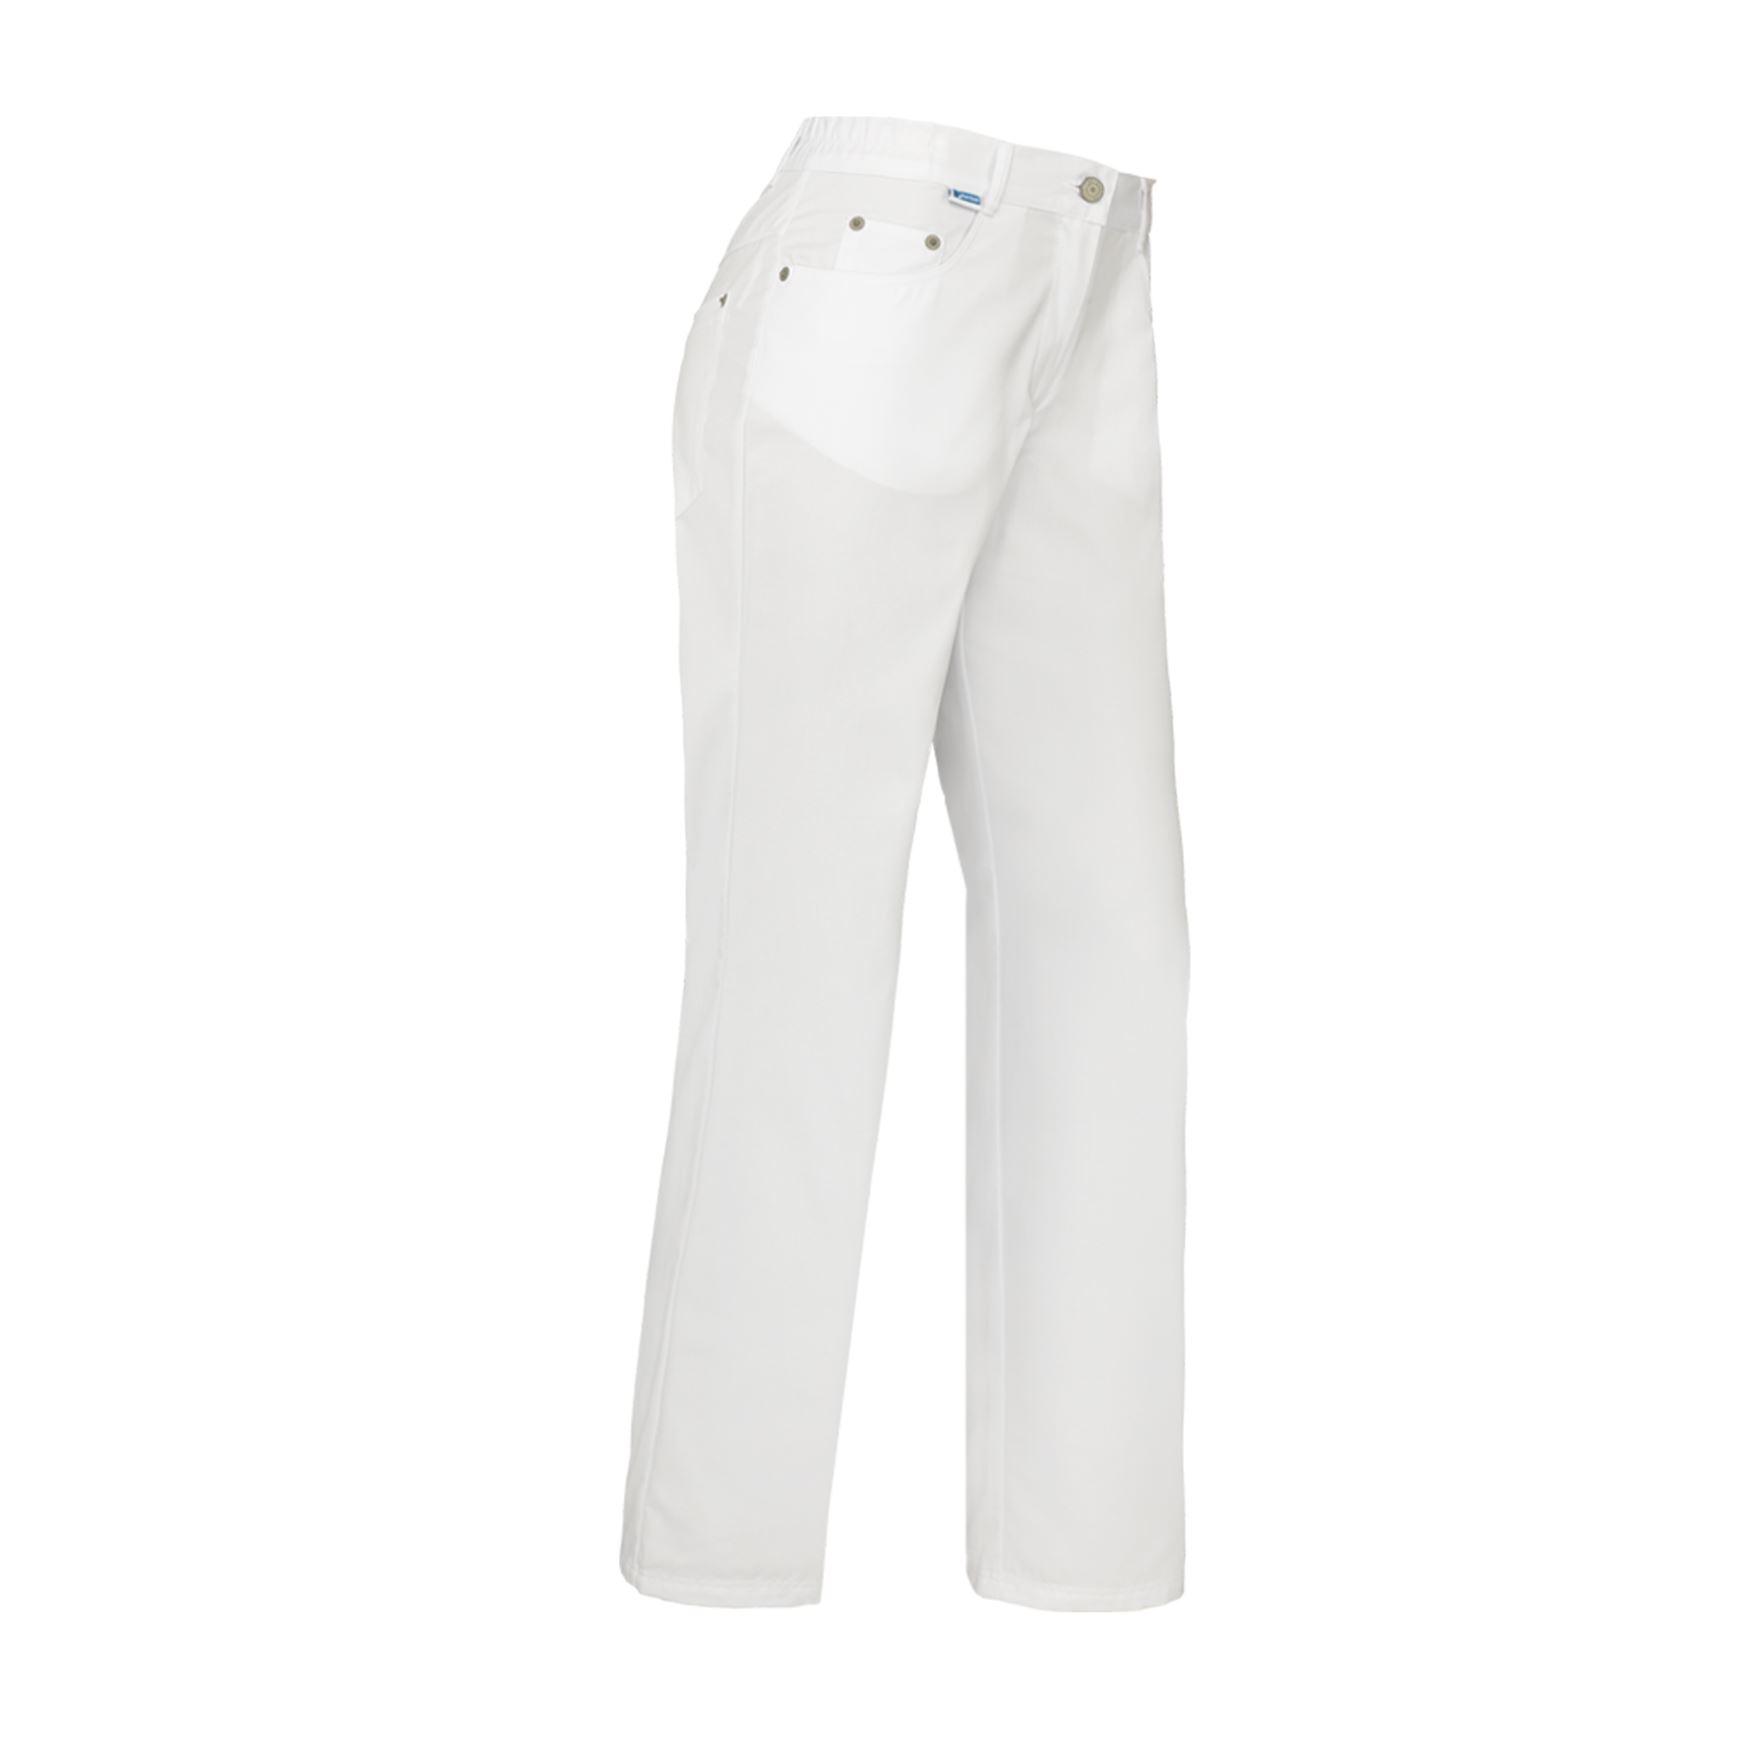 De Berkel Pantalon Odilia